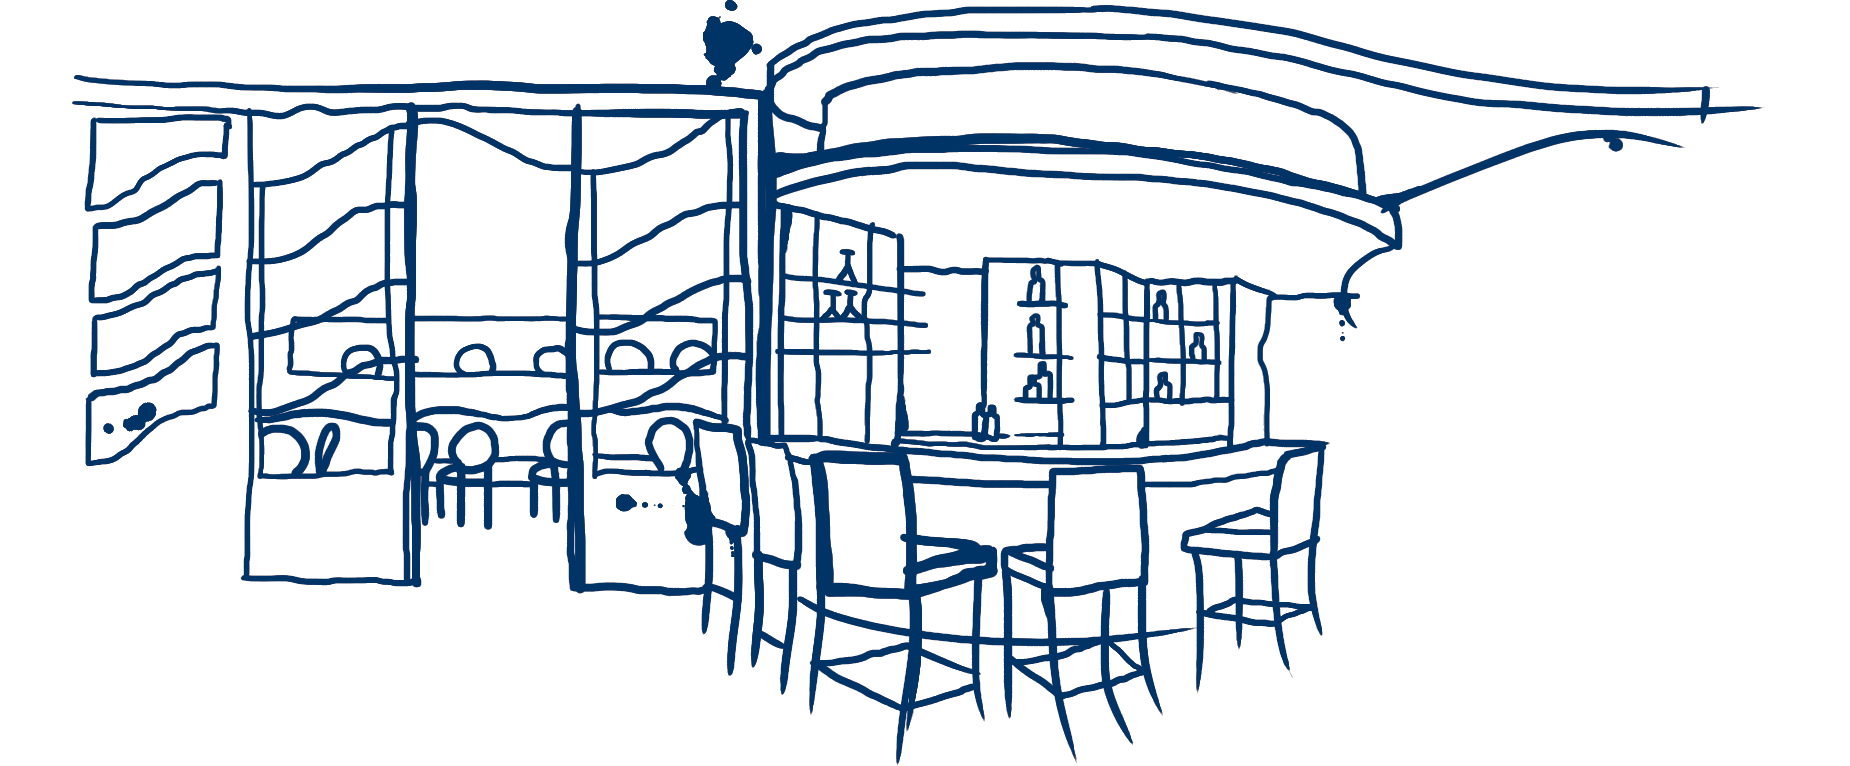 The Abingdon